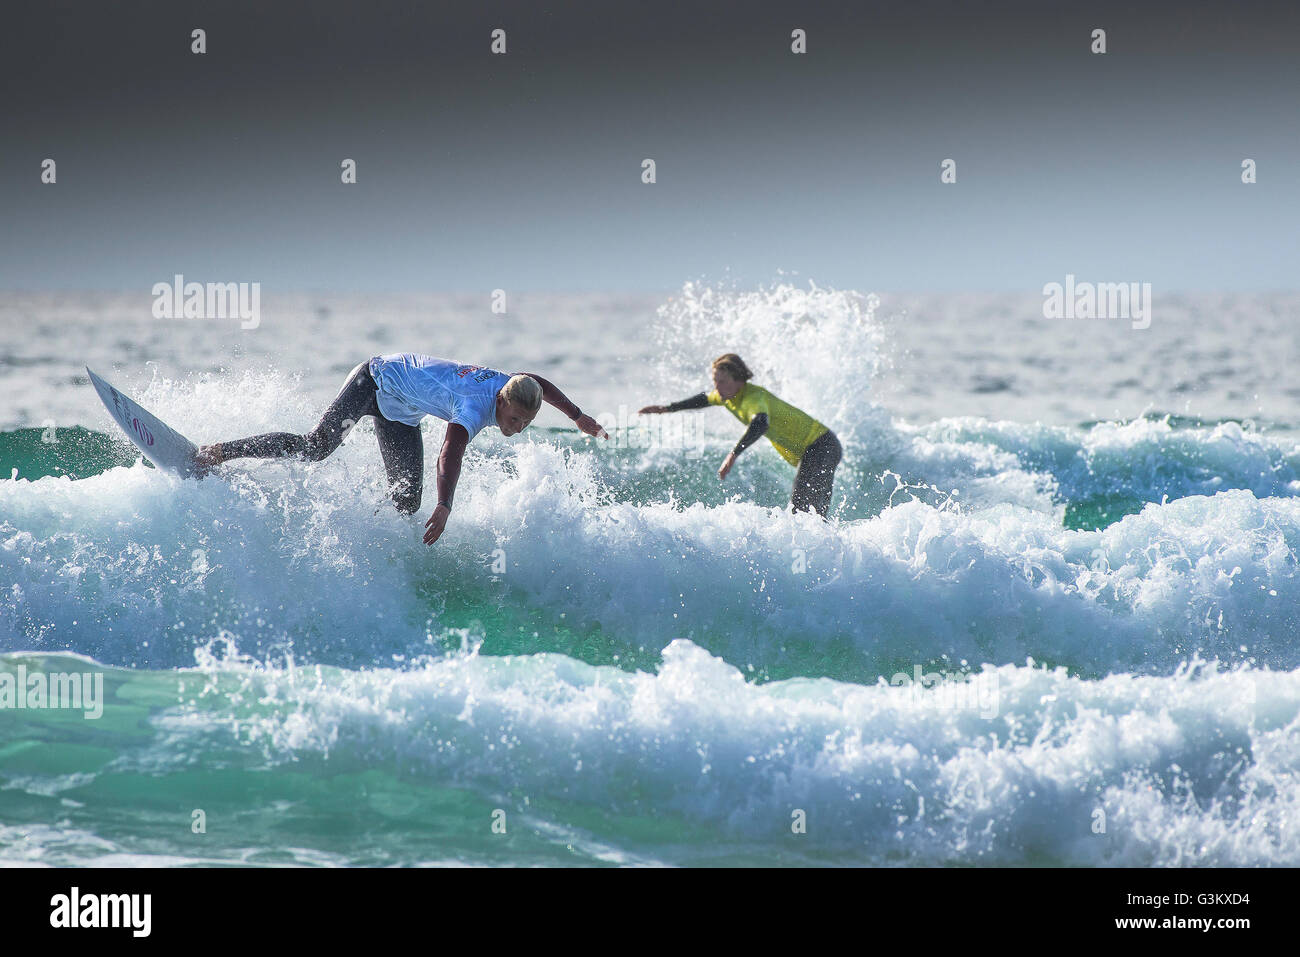 Los surfistas en acción espectacular que participen en un concurso UK Pro Surf Tour en Fistral en Newquay, Cornwall. Foto de stock